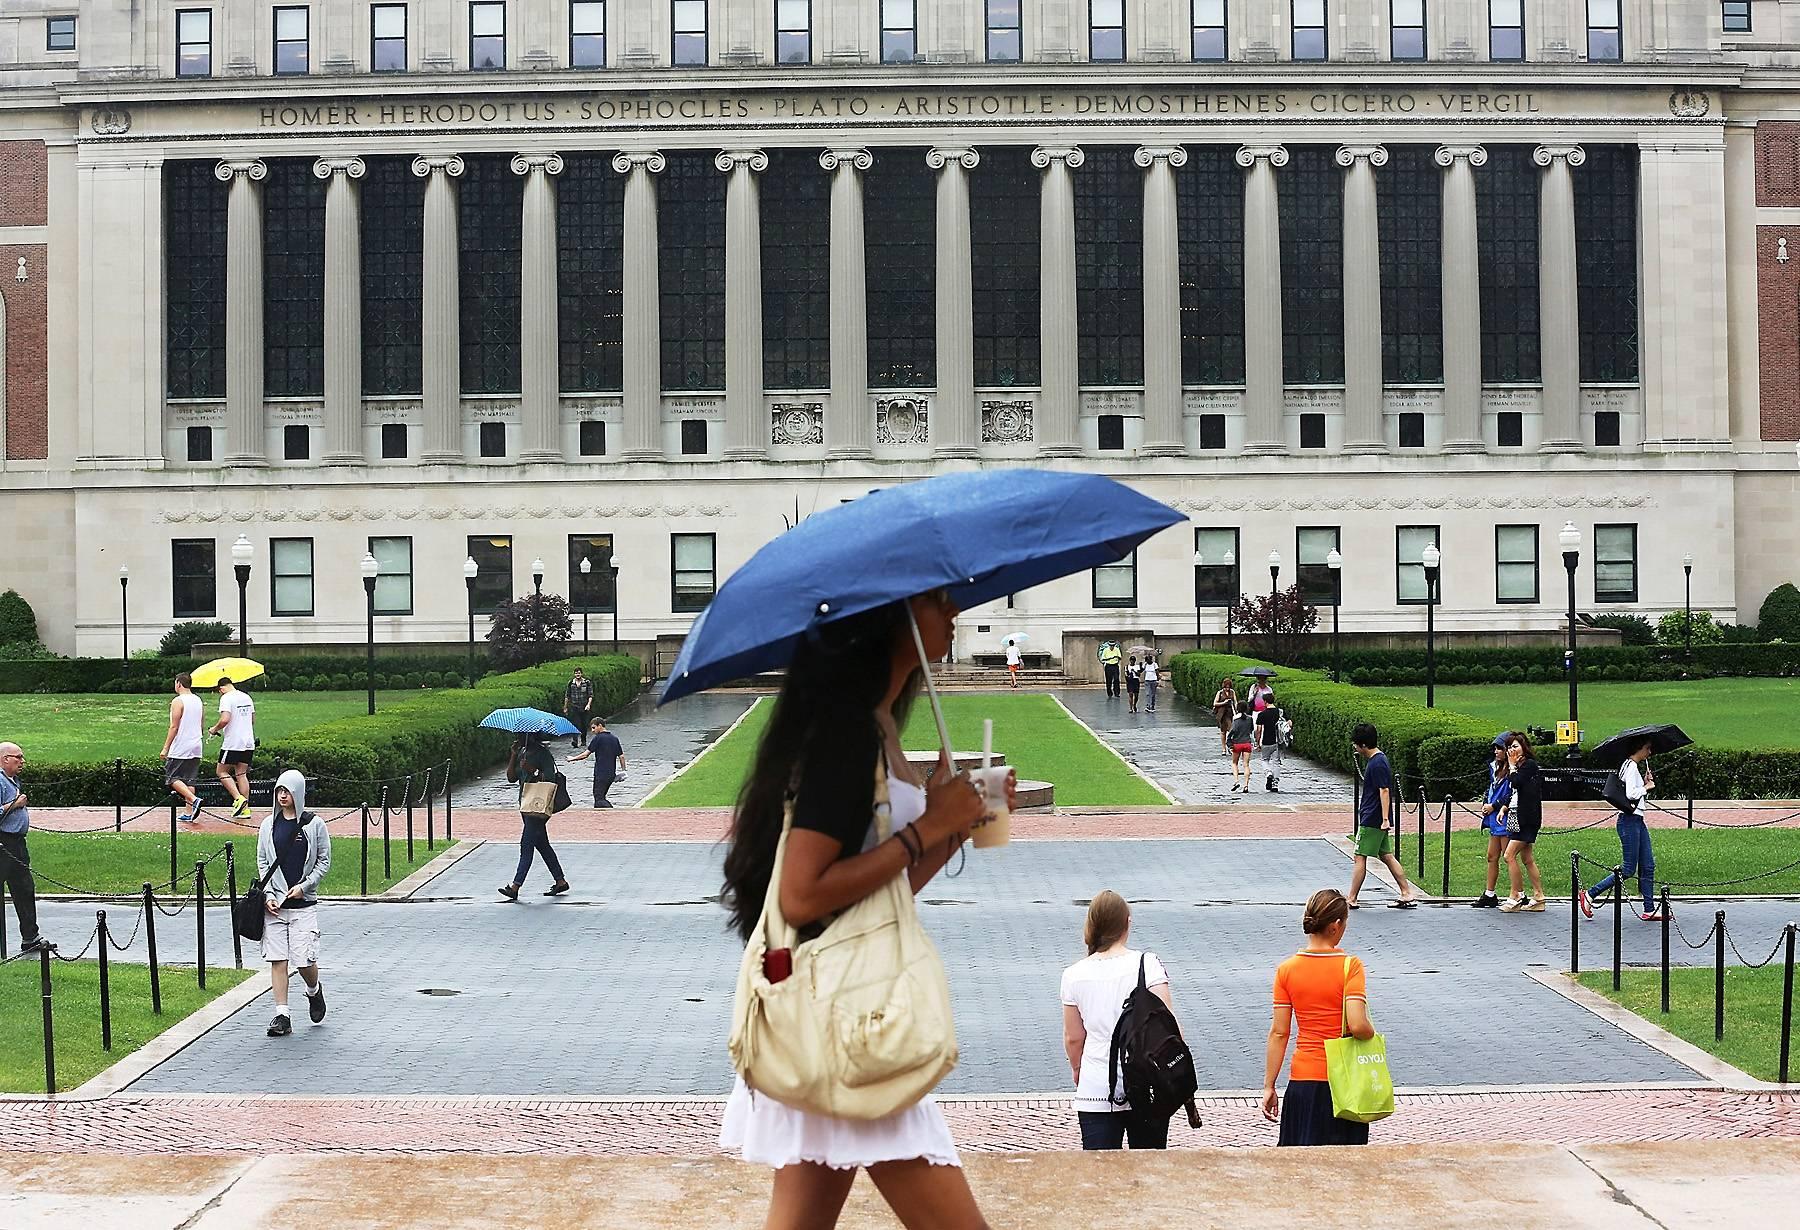 /content/dam/betcom/images/2013/07/Health/072413-health-college-campus-student.jpg